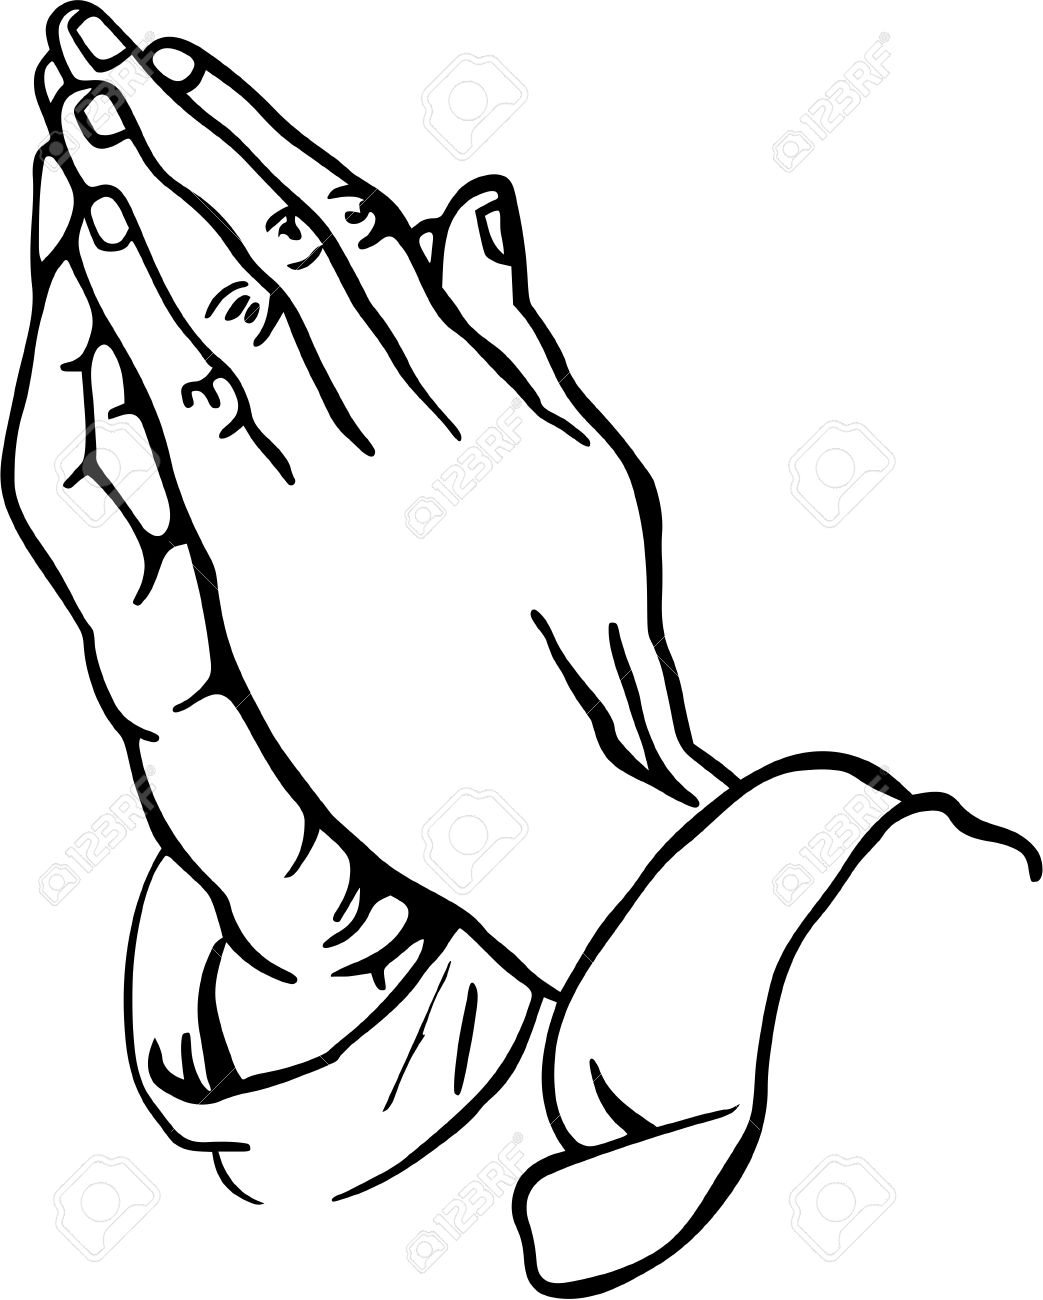 151 Prayer Hands free clipart.